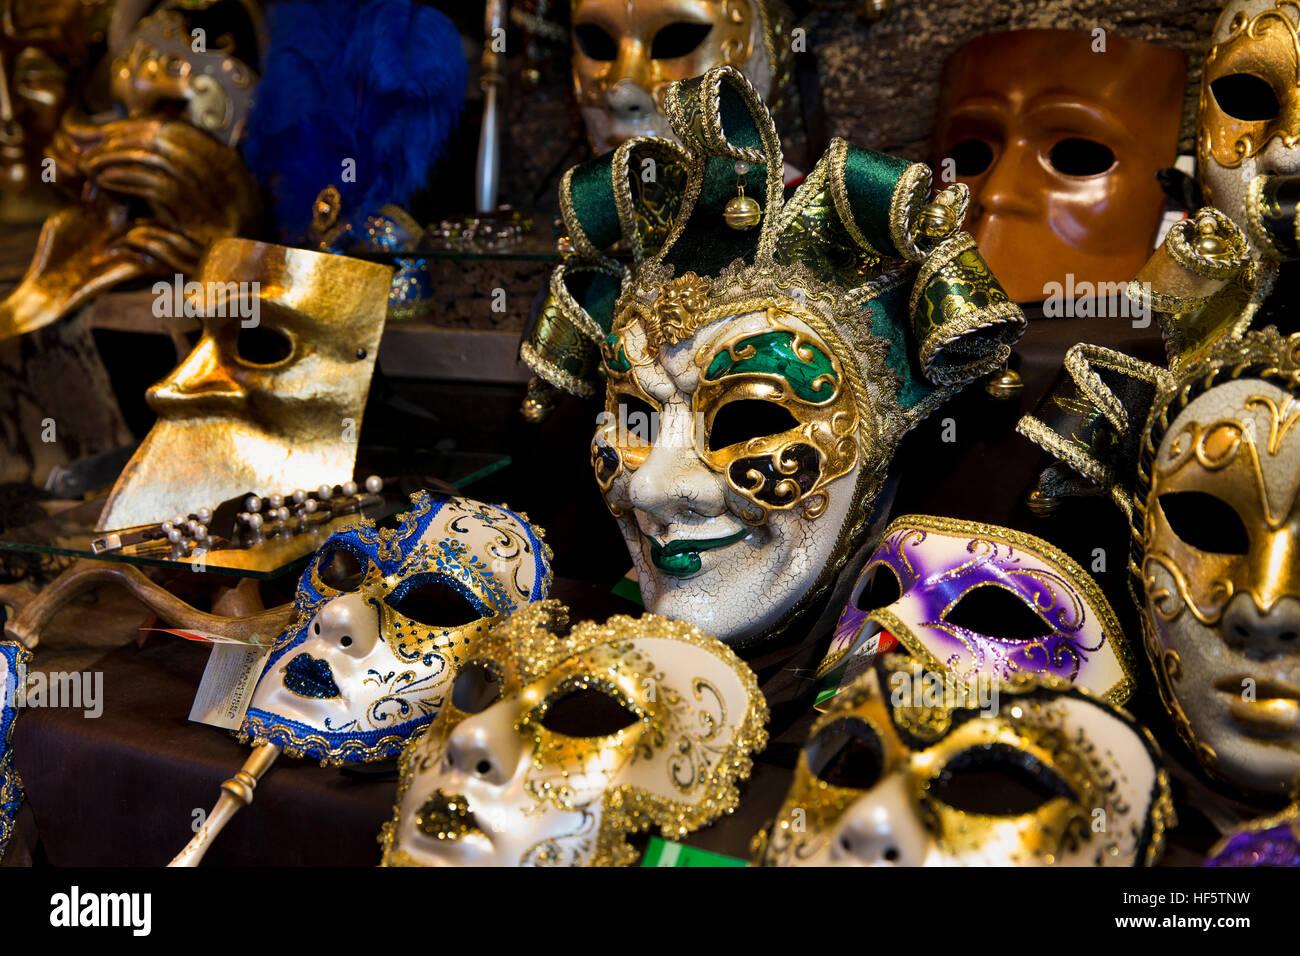 Dinamarca, Copenhague, Højbro plads, Mercado navideño, máscaras de carnaval veneciano para la venta Imagen De Stock